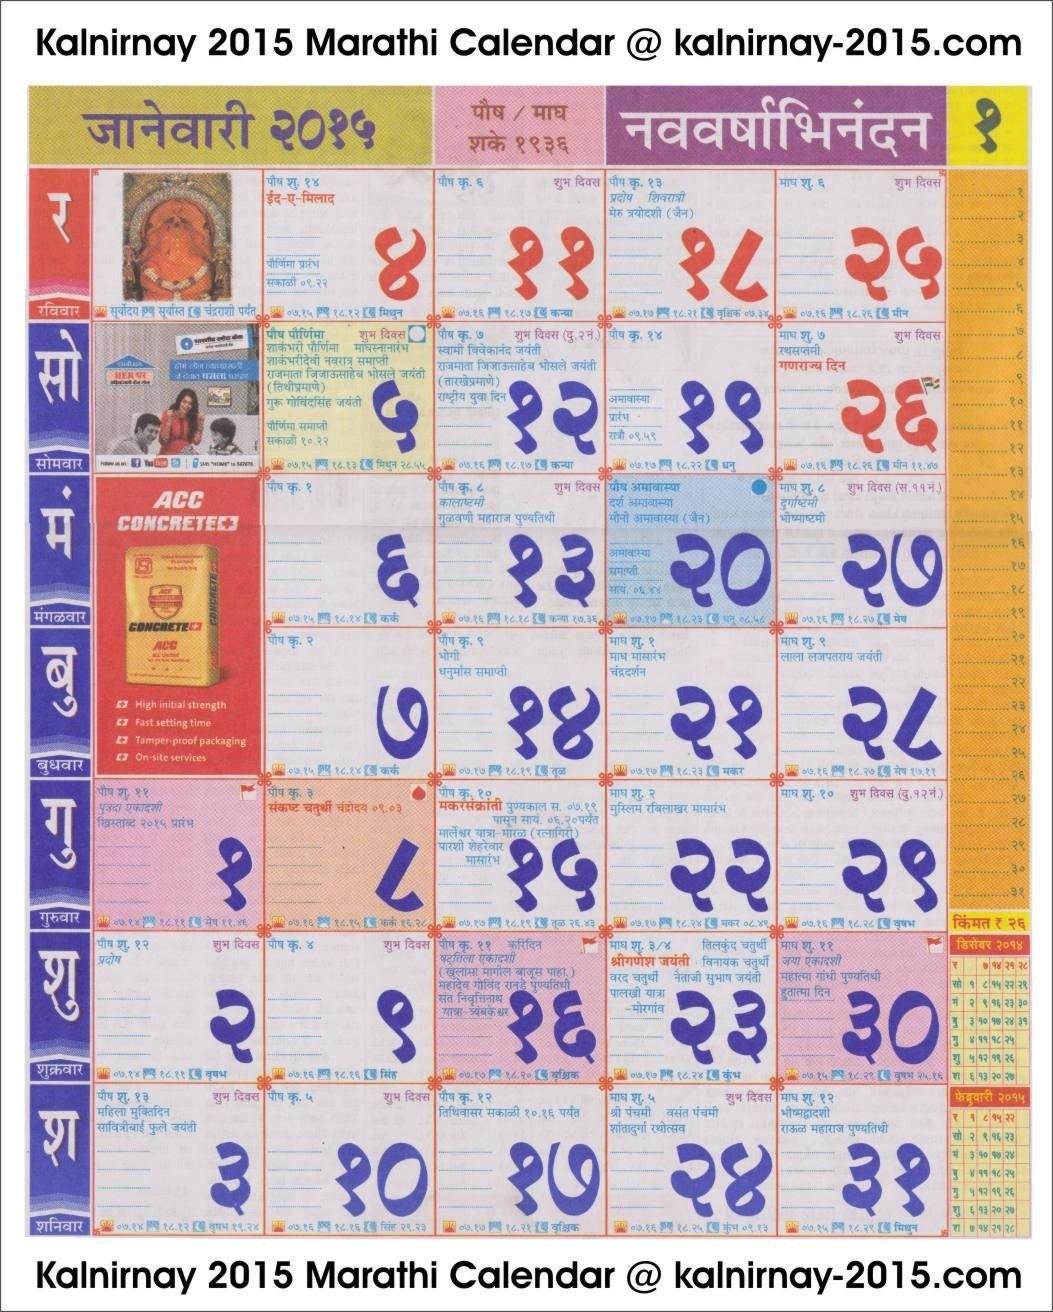 20+ Kalnirnay Calendar Calendar 2021 Marathi - Free Download Printable Calendar Templates ️ inside Kalnirnay 2021 Marathi Calendar In Pdf Photo